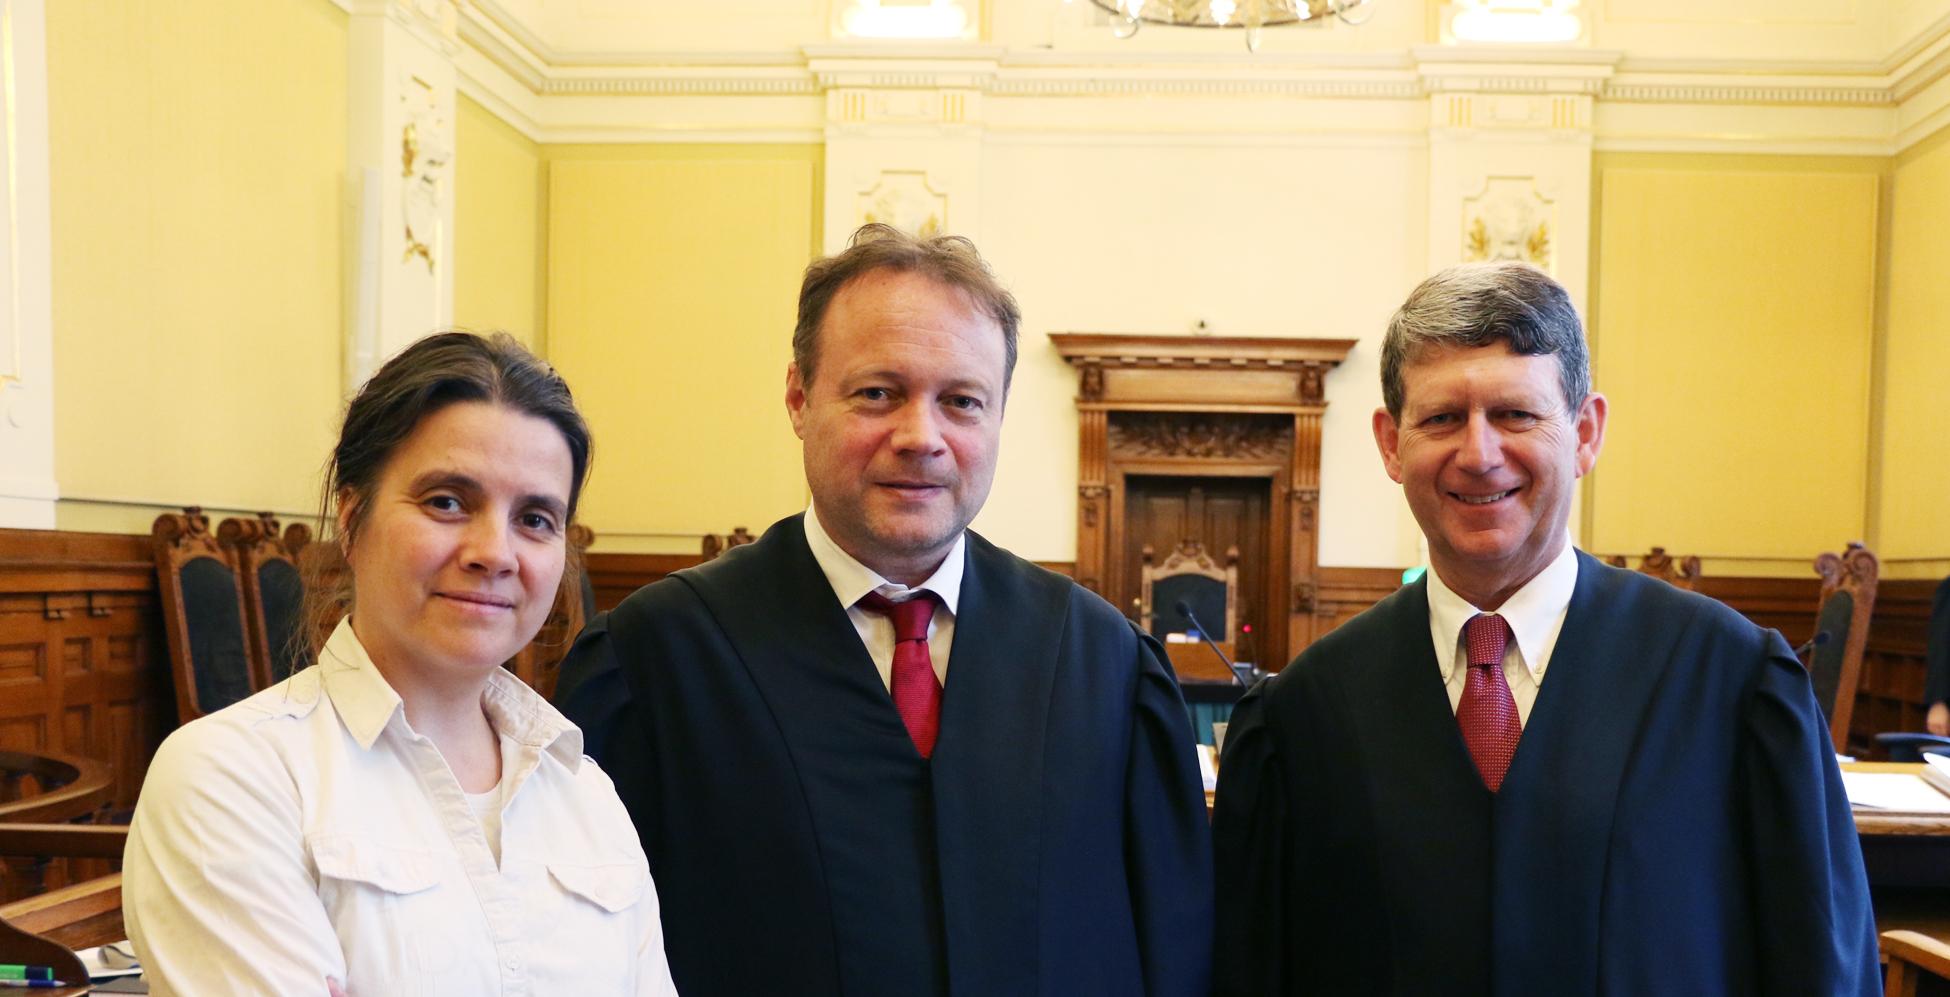 NOAHs leder Siri Martinsen i Høyesterett sammen med advokatene Andreas Meidell og Stephen Knudtzon, som førte saken for henholdsvis Bobs eier og NOAH som partshjelper